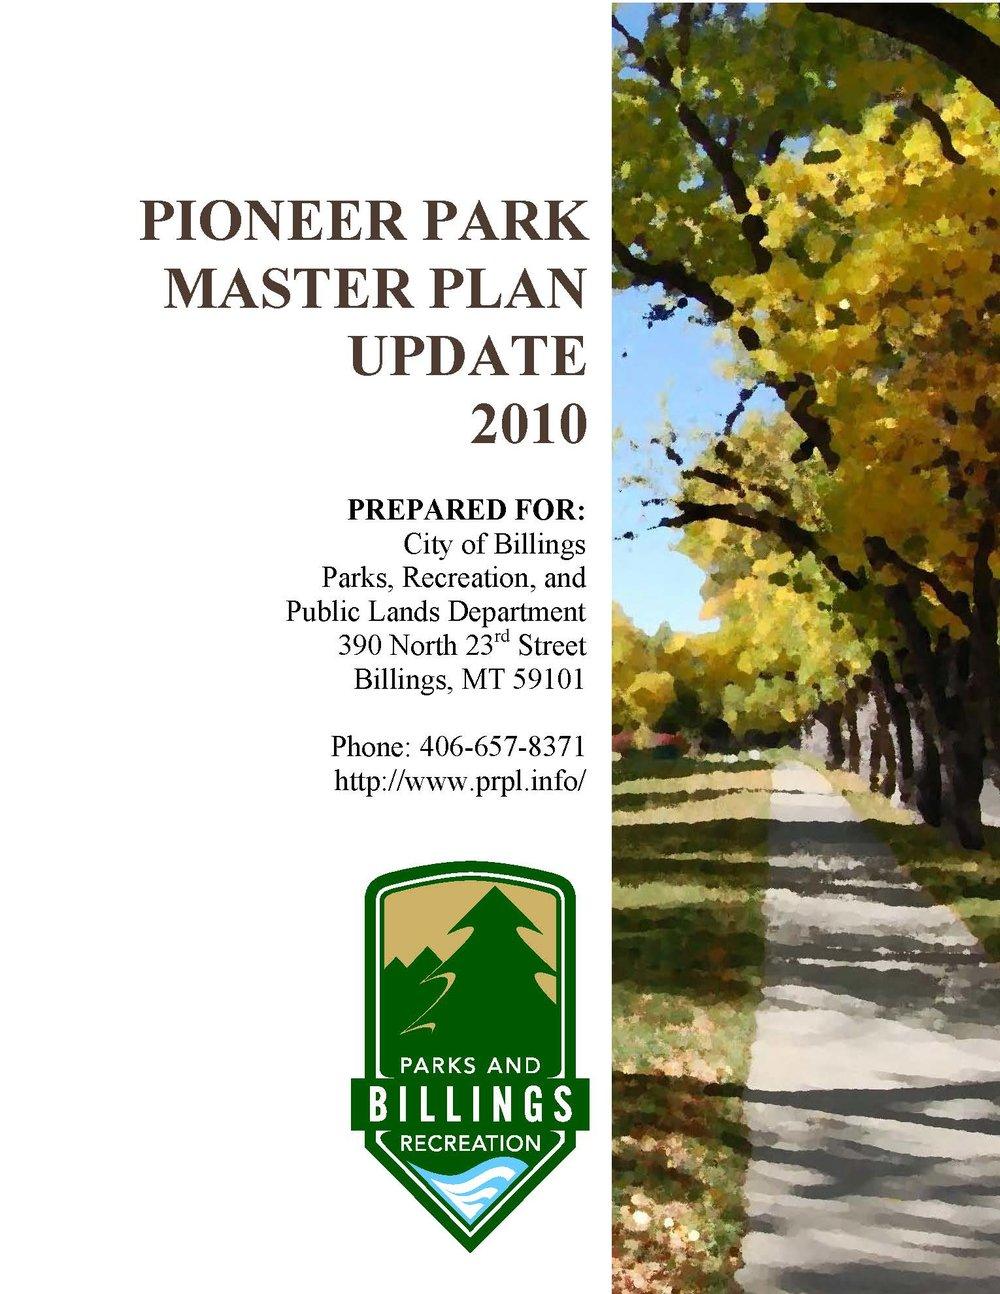 2010 Pioneer Park Master Plan Update_Page_001.jpg